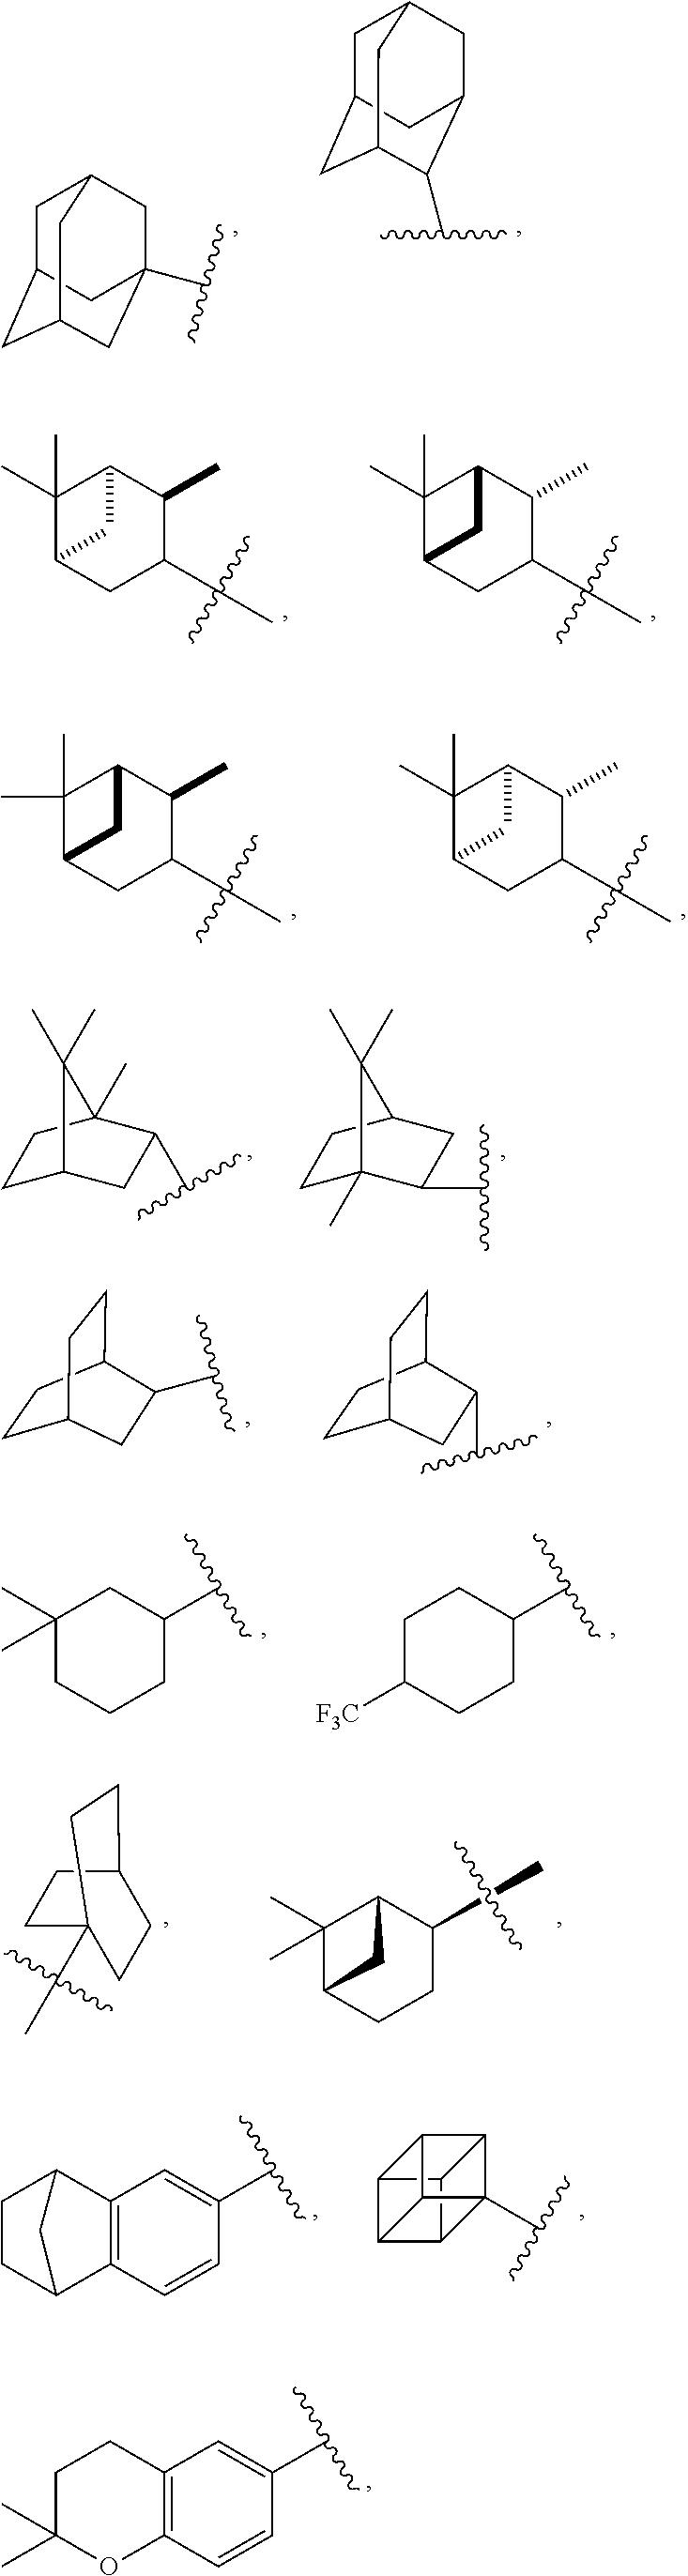 Figure US08933236-20150113-C00008